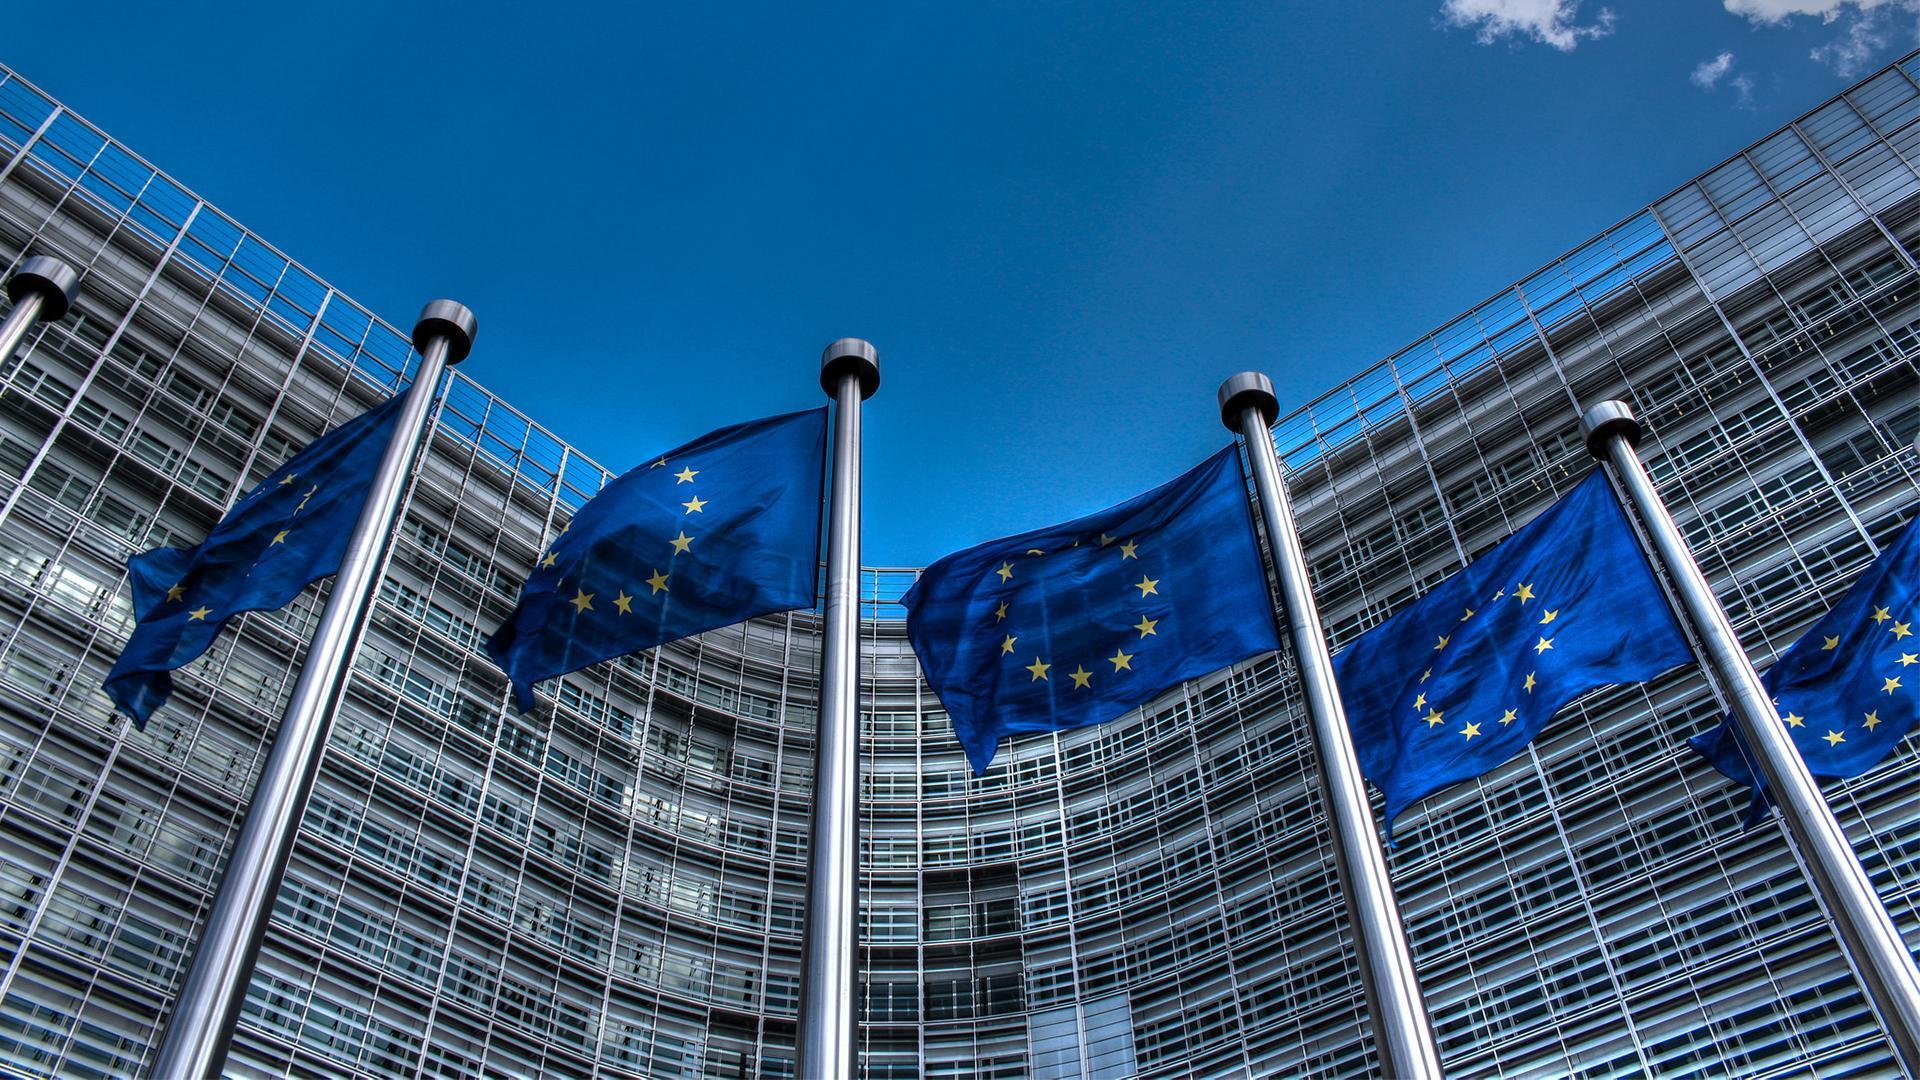 """أفريكا أنتليجينس: الاتحاد الأوروبي يسعى لتوسيع مهام بعثة """"يوبام"""""""